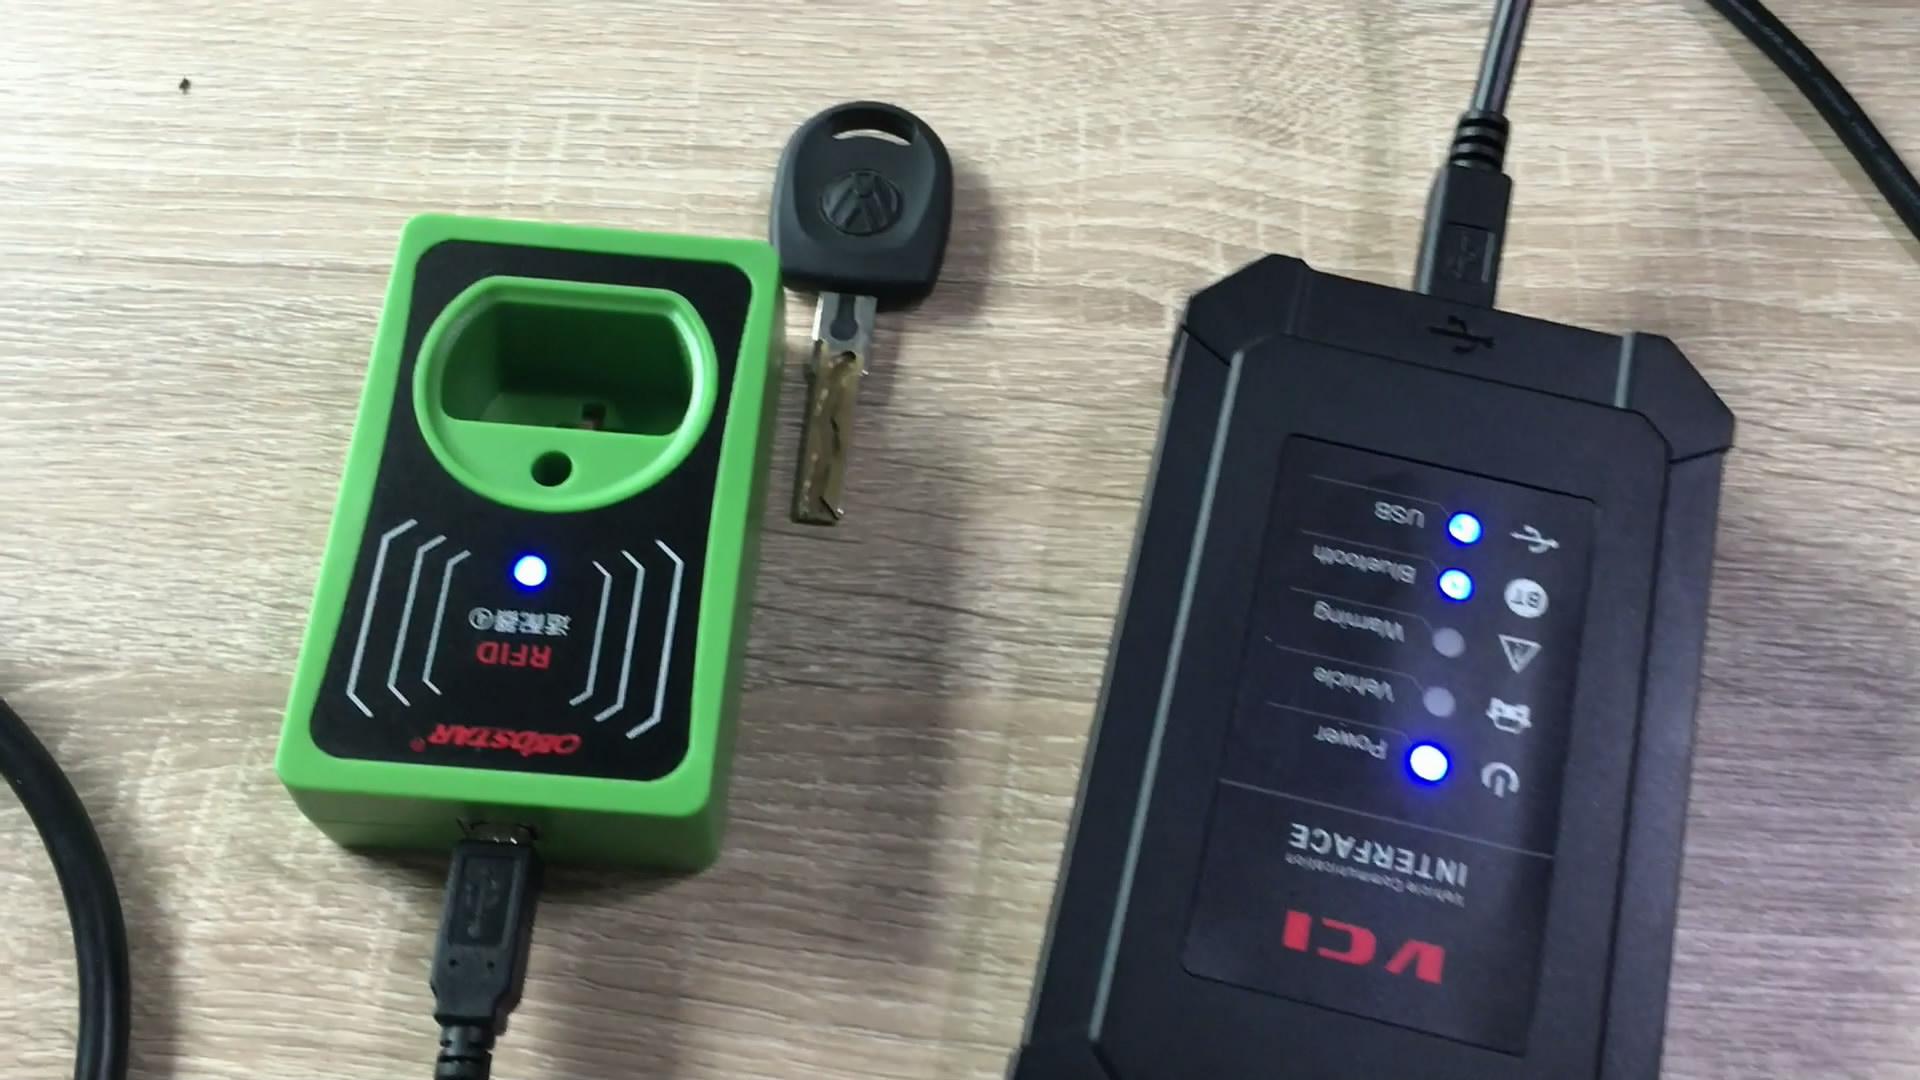 obdstar-rfid-adapter-to-program-key-on-4th-vw-02